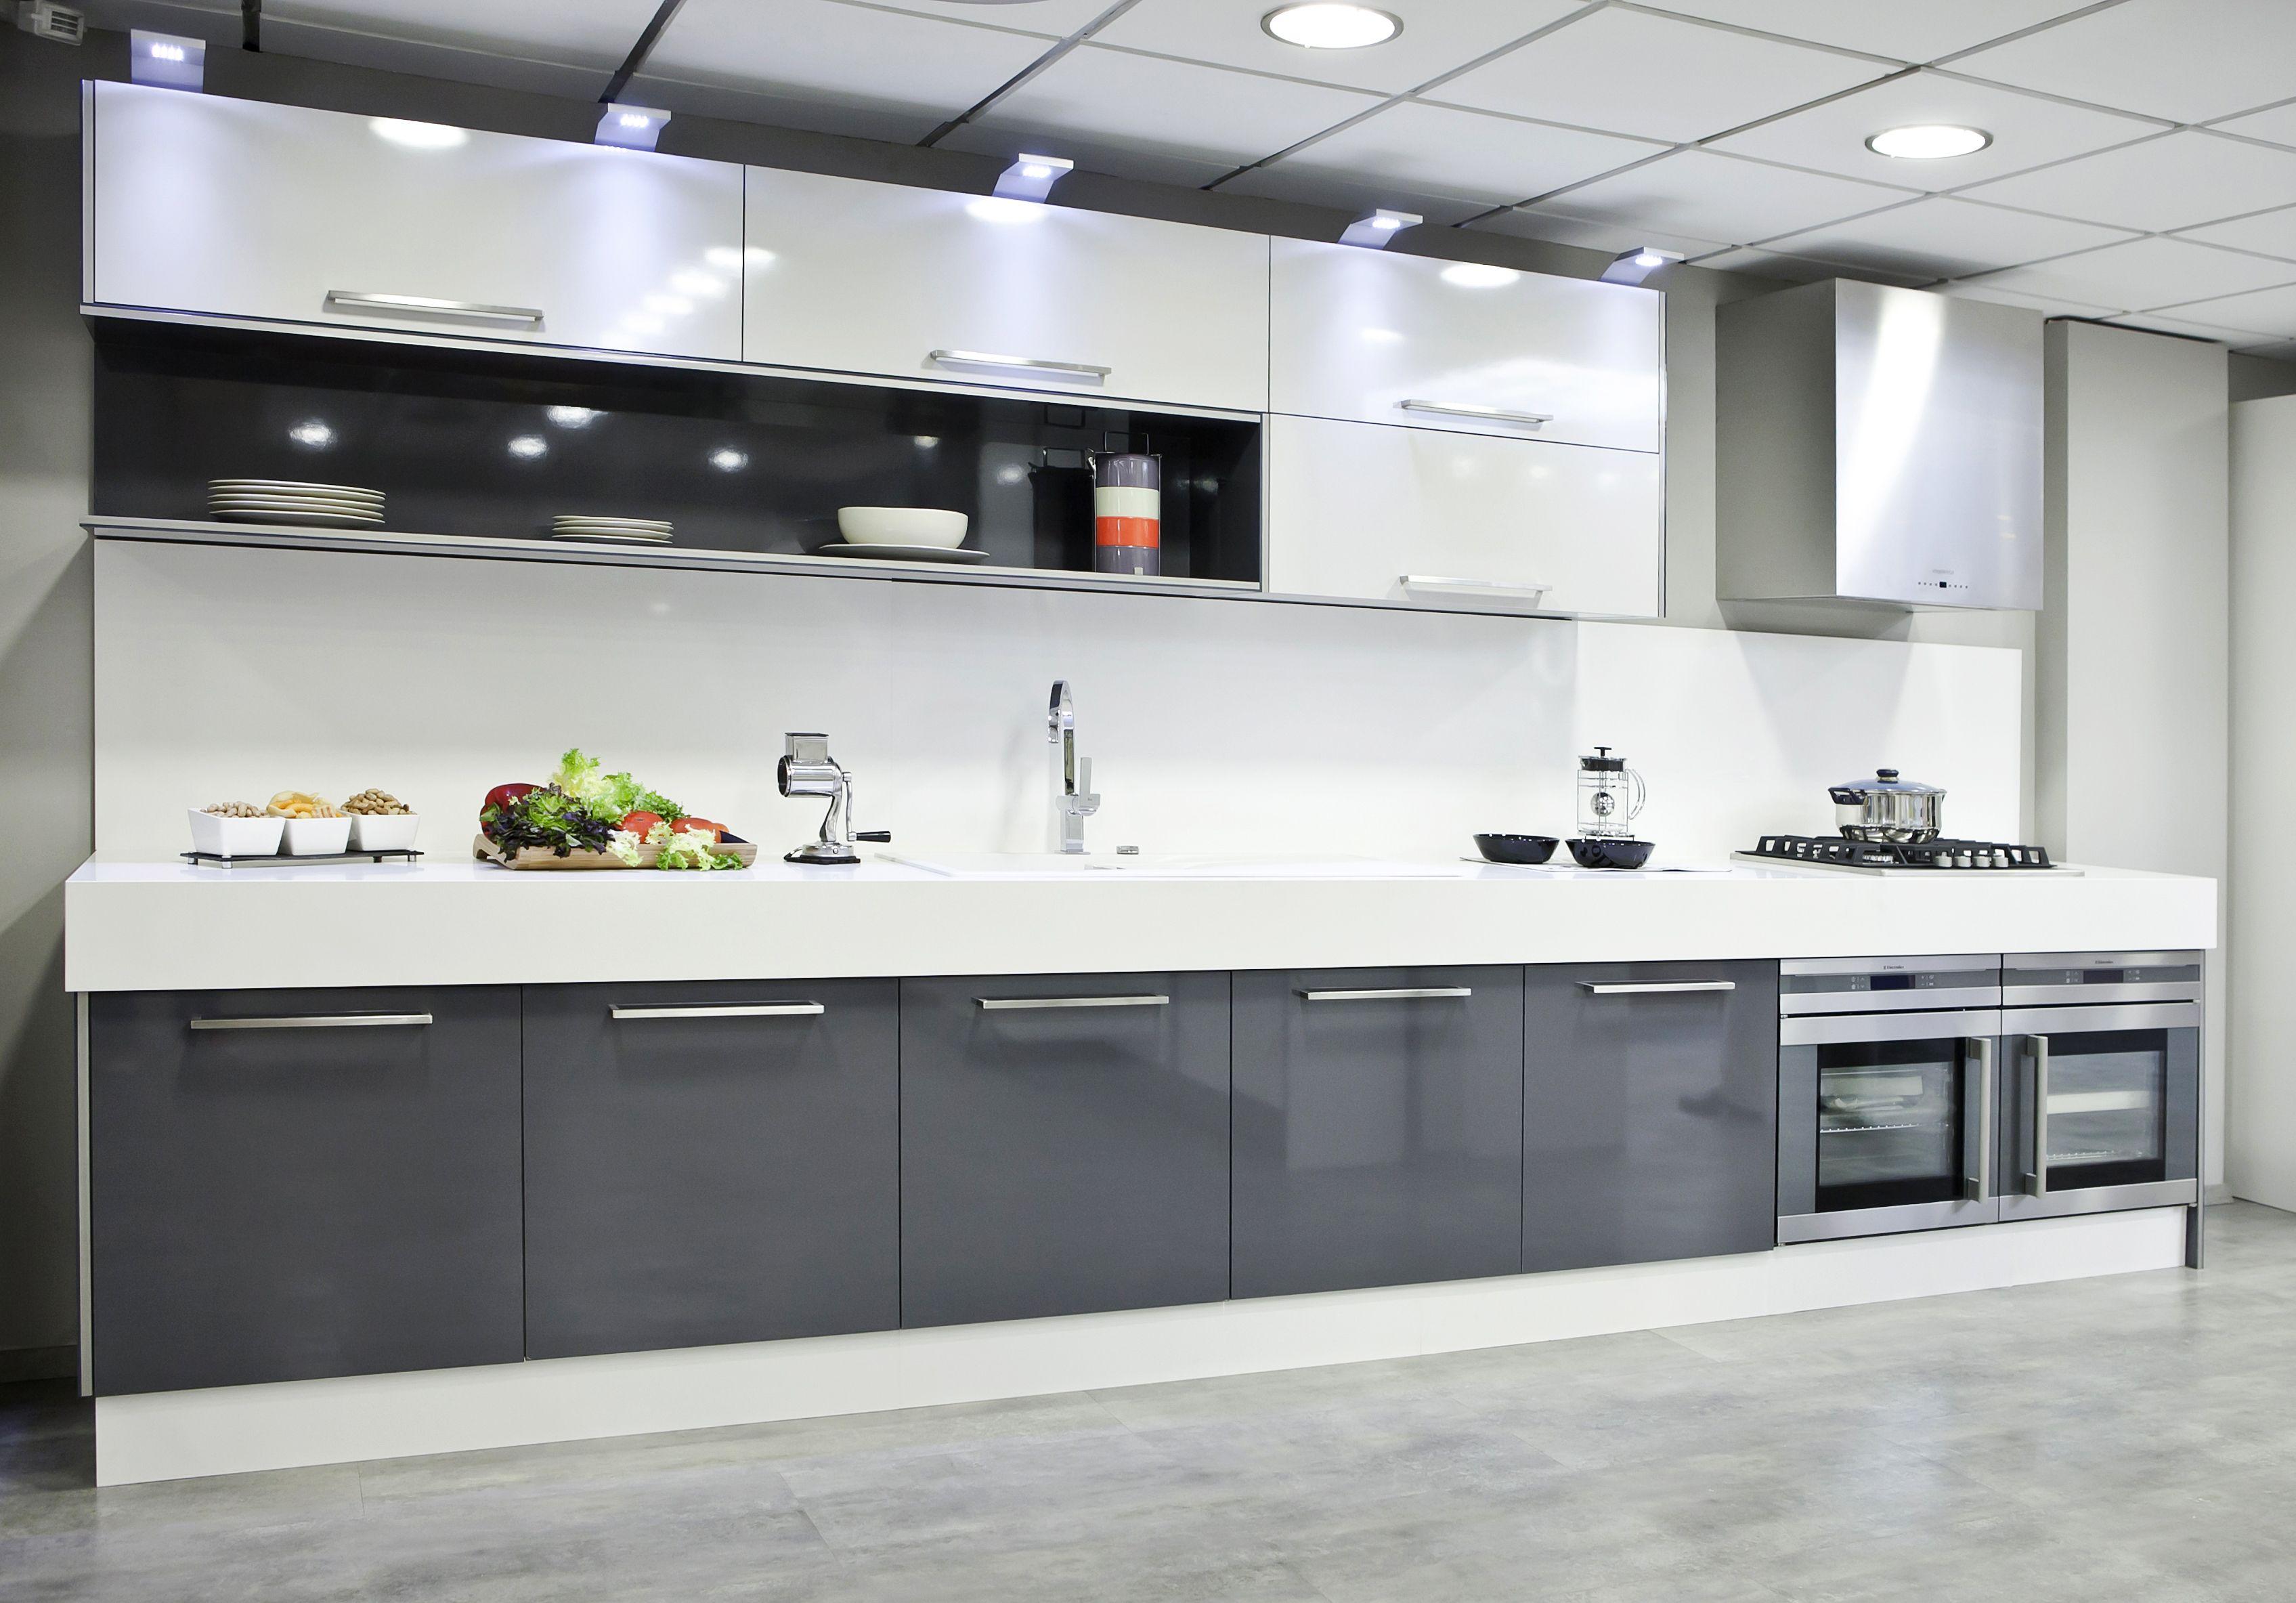 Cocinas modernas blancas una cocina moderna blanca y for Cocinas modernas youtube